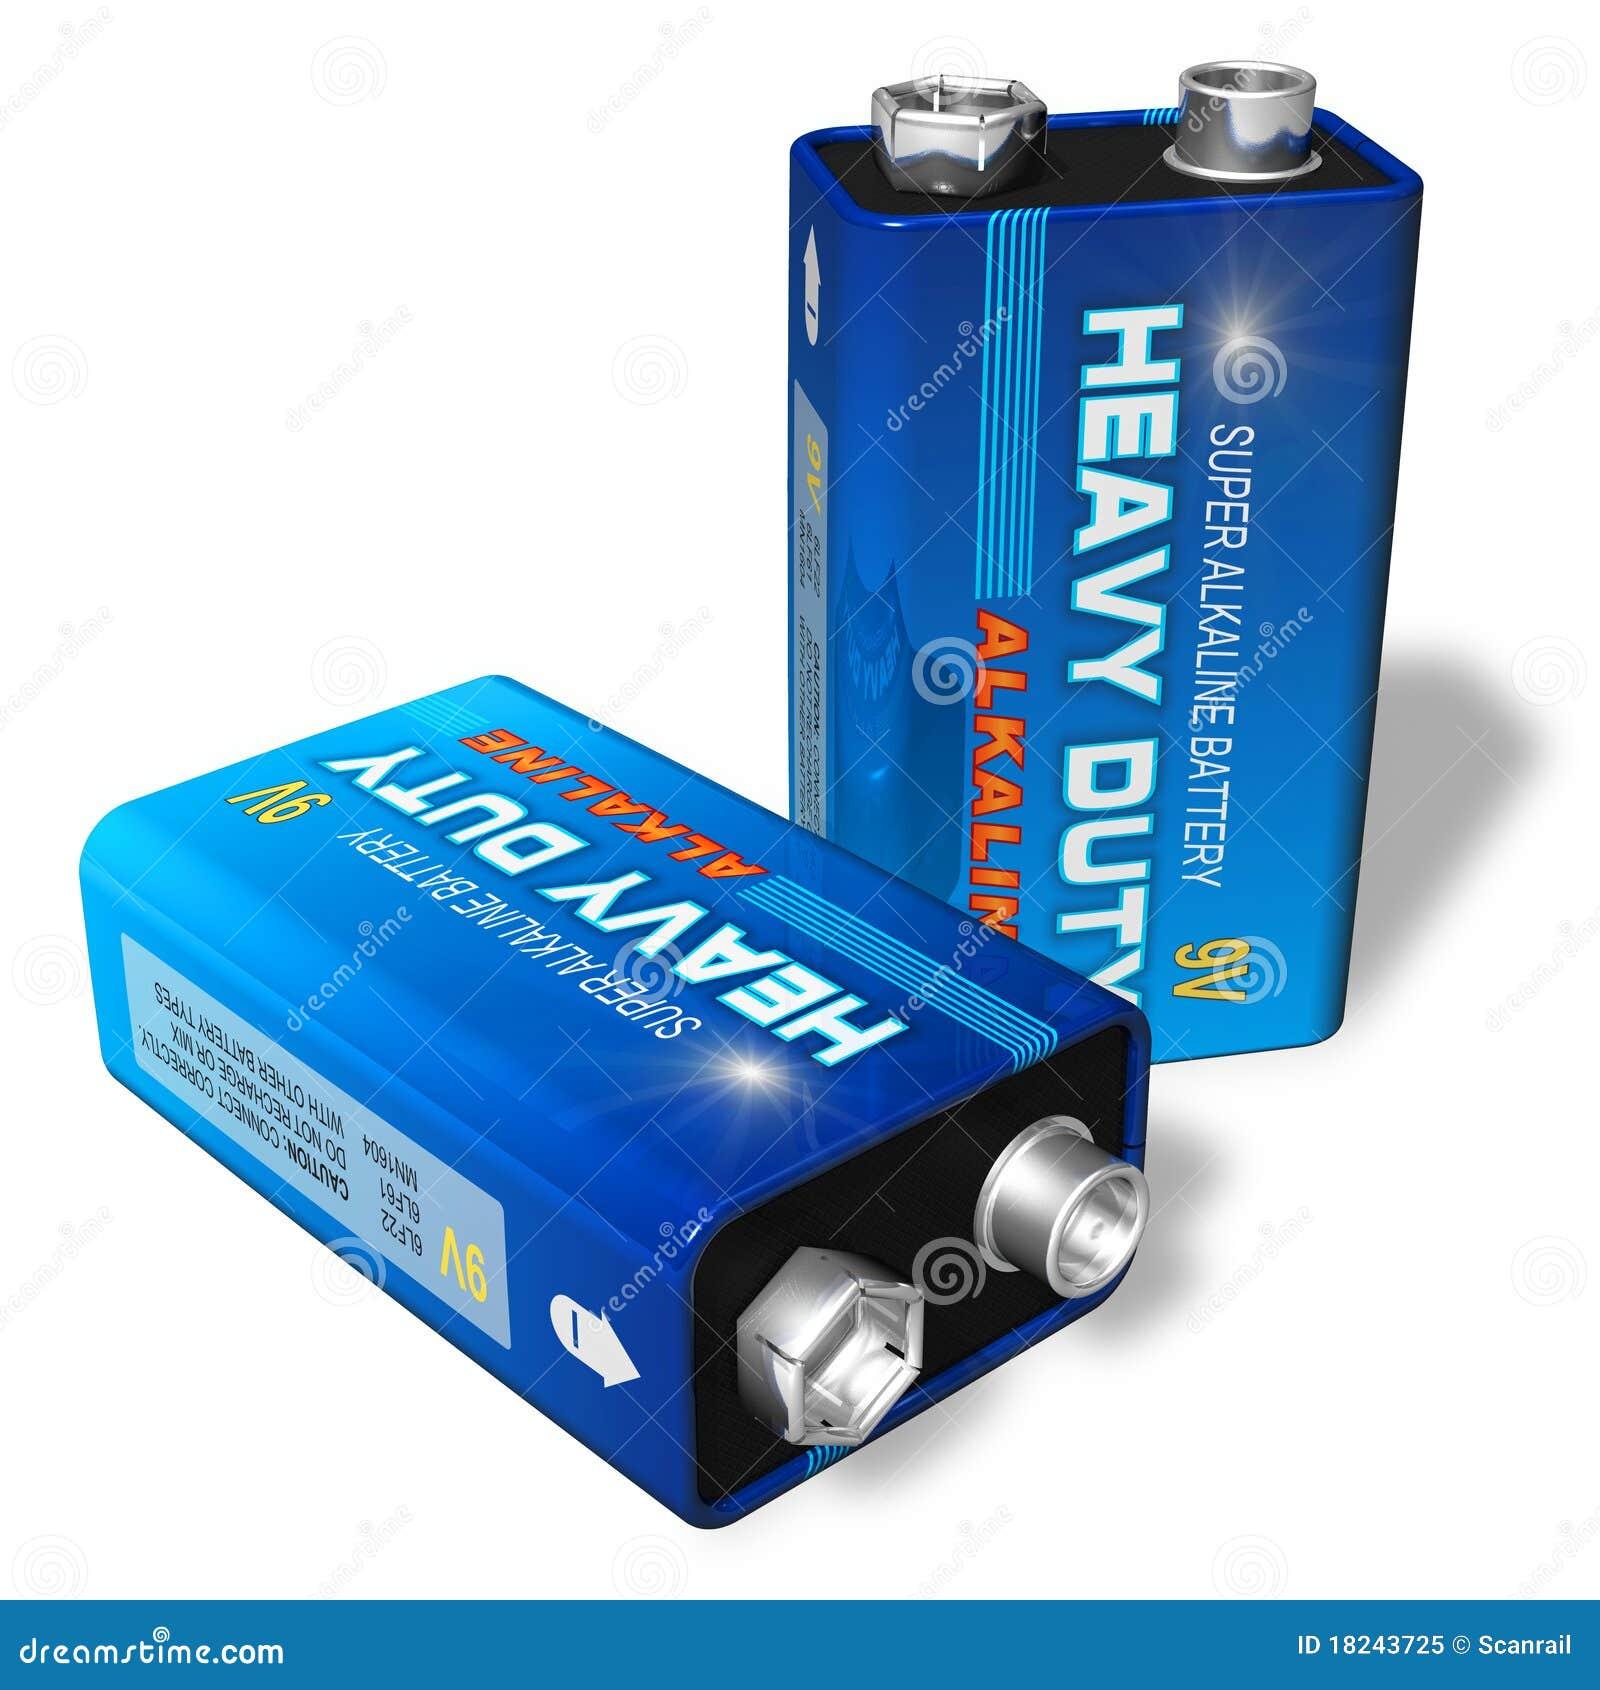 Batteries 9V